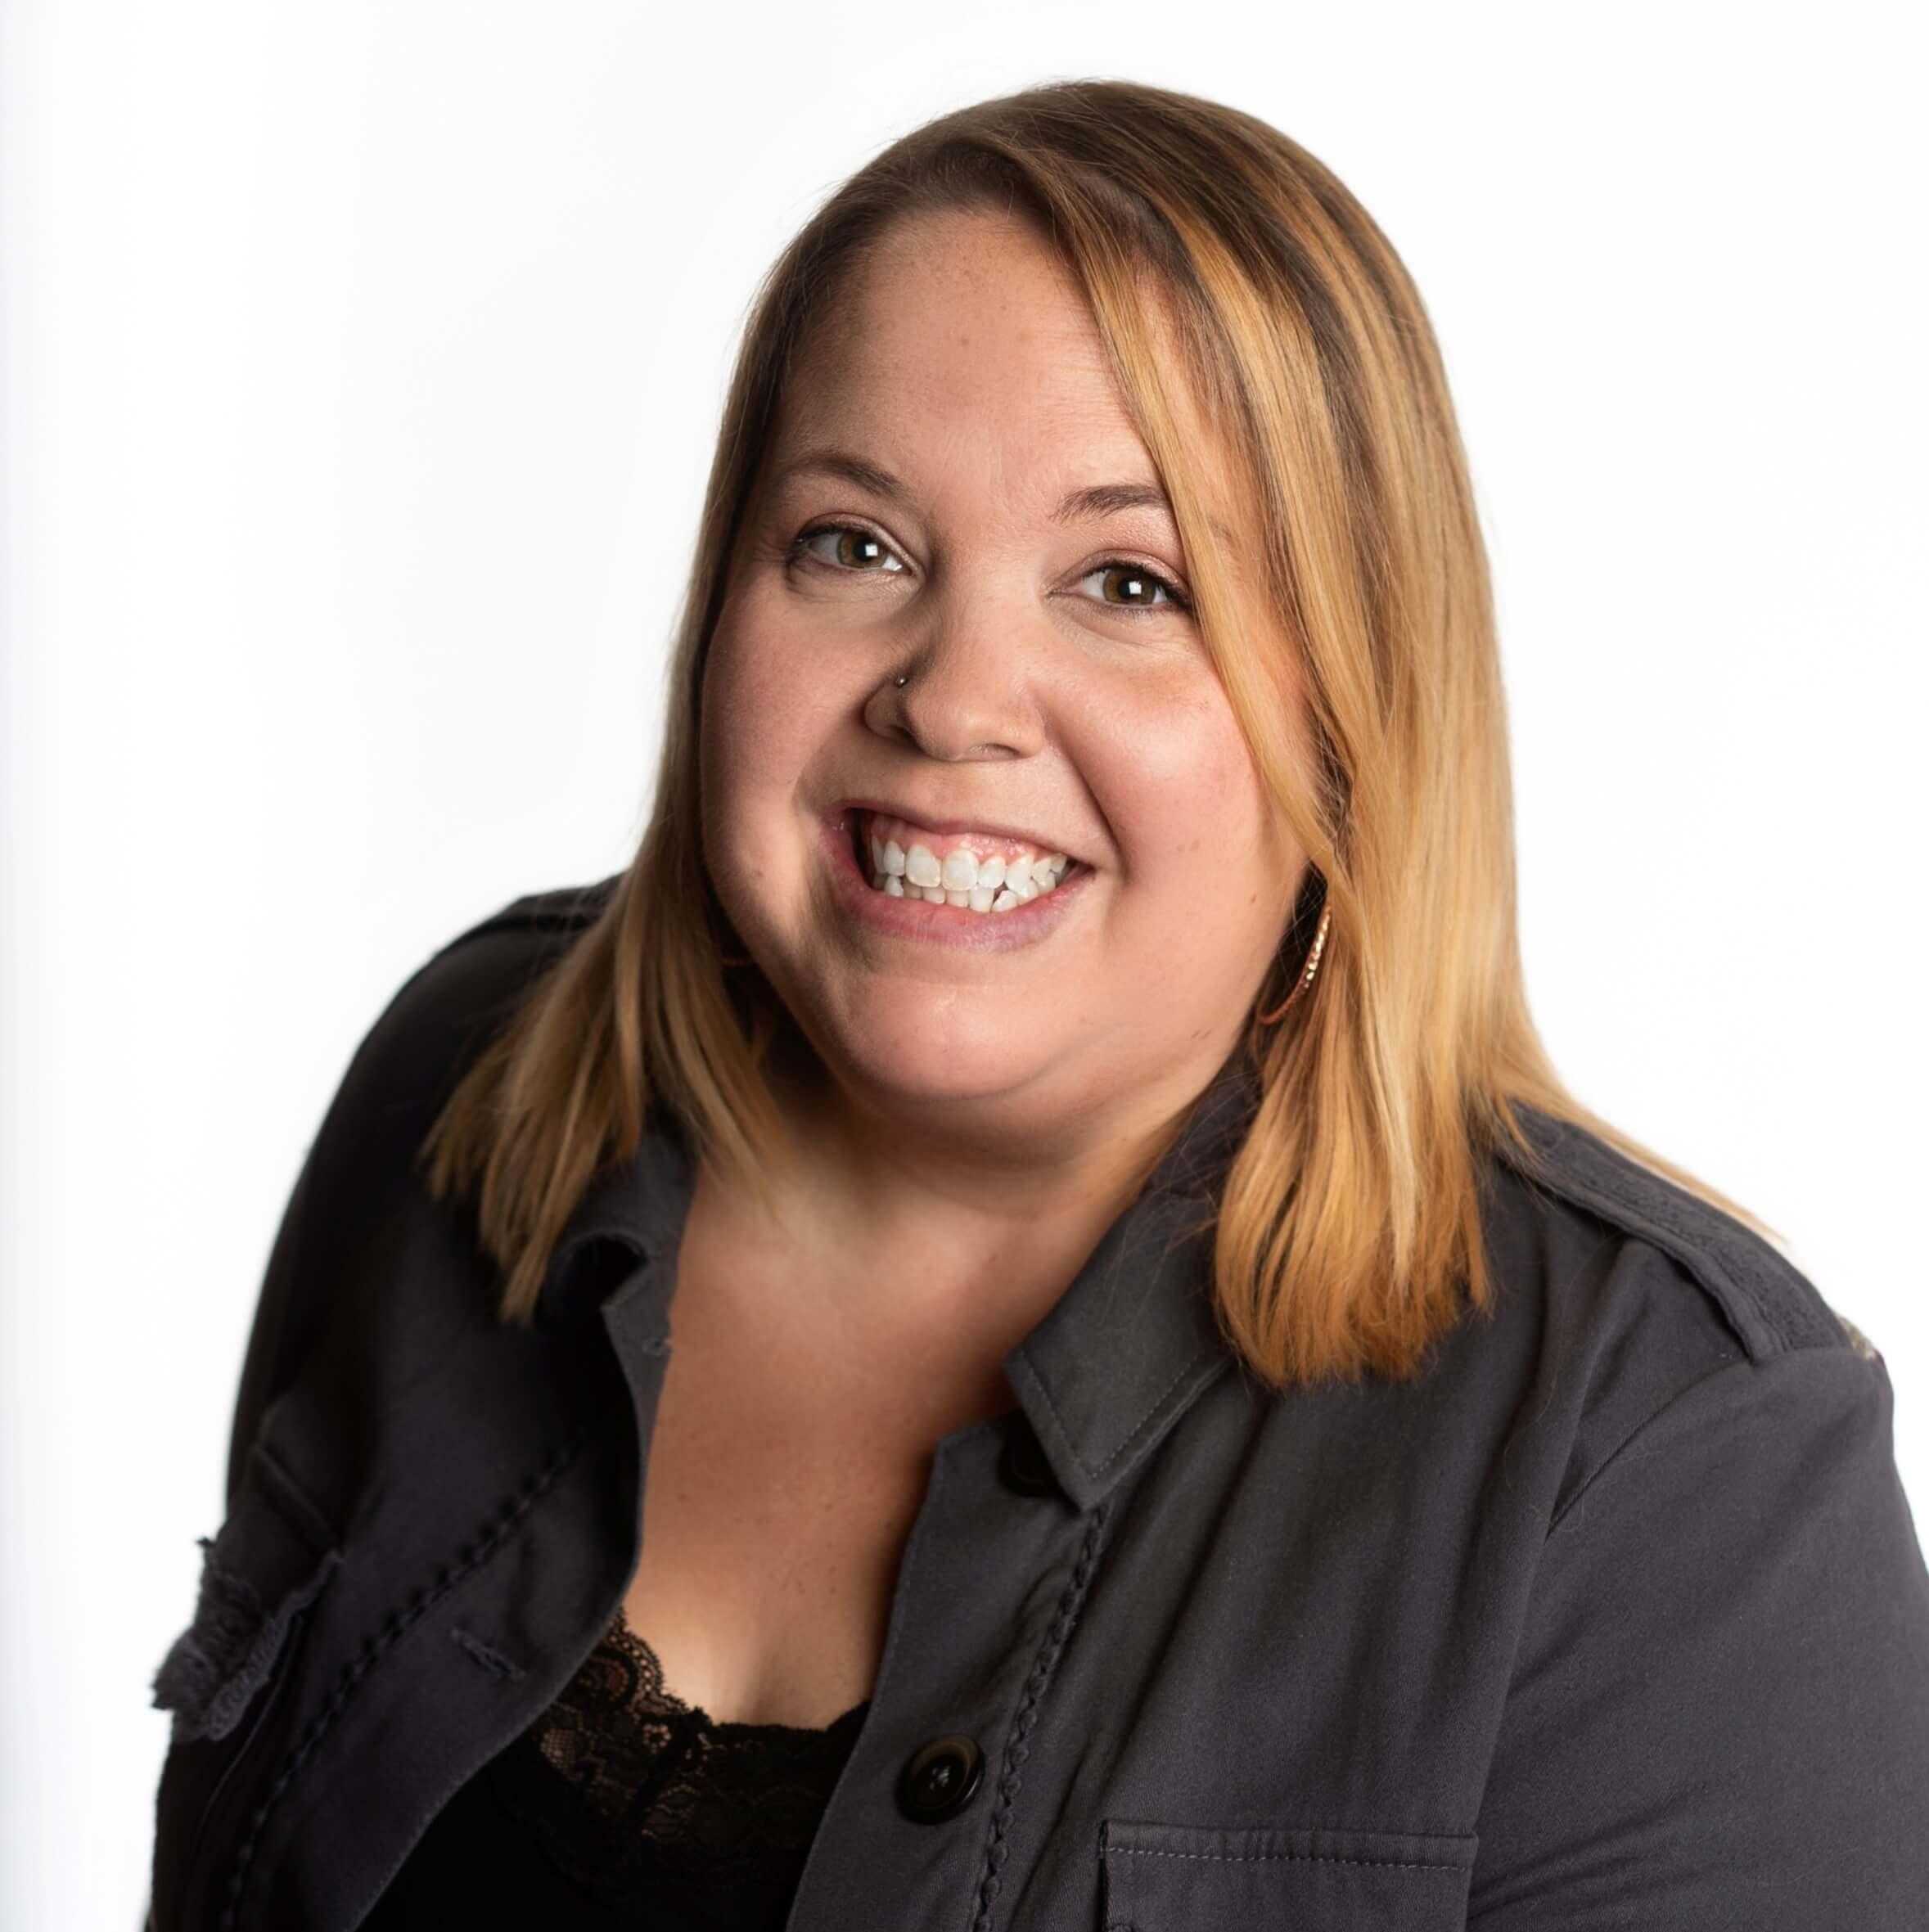 Karen Alonso, West Side District Manager